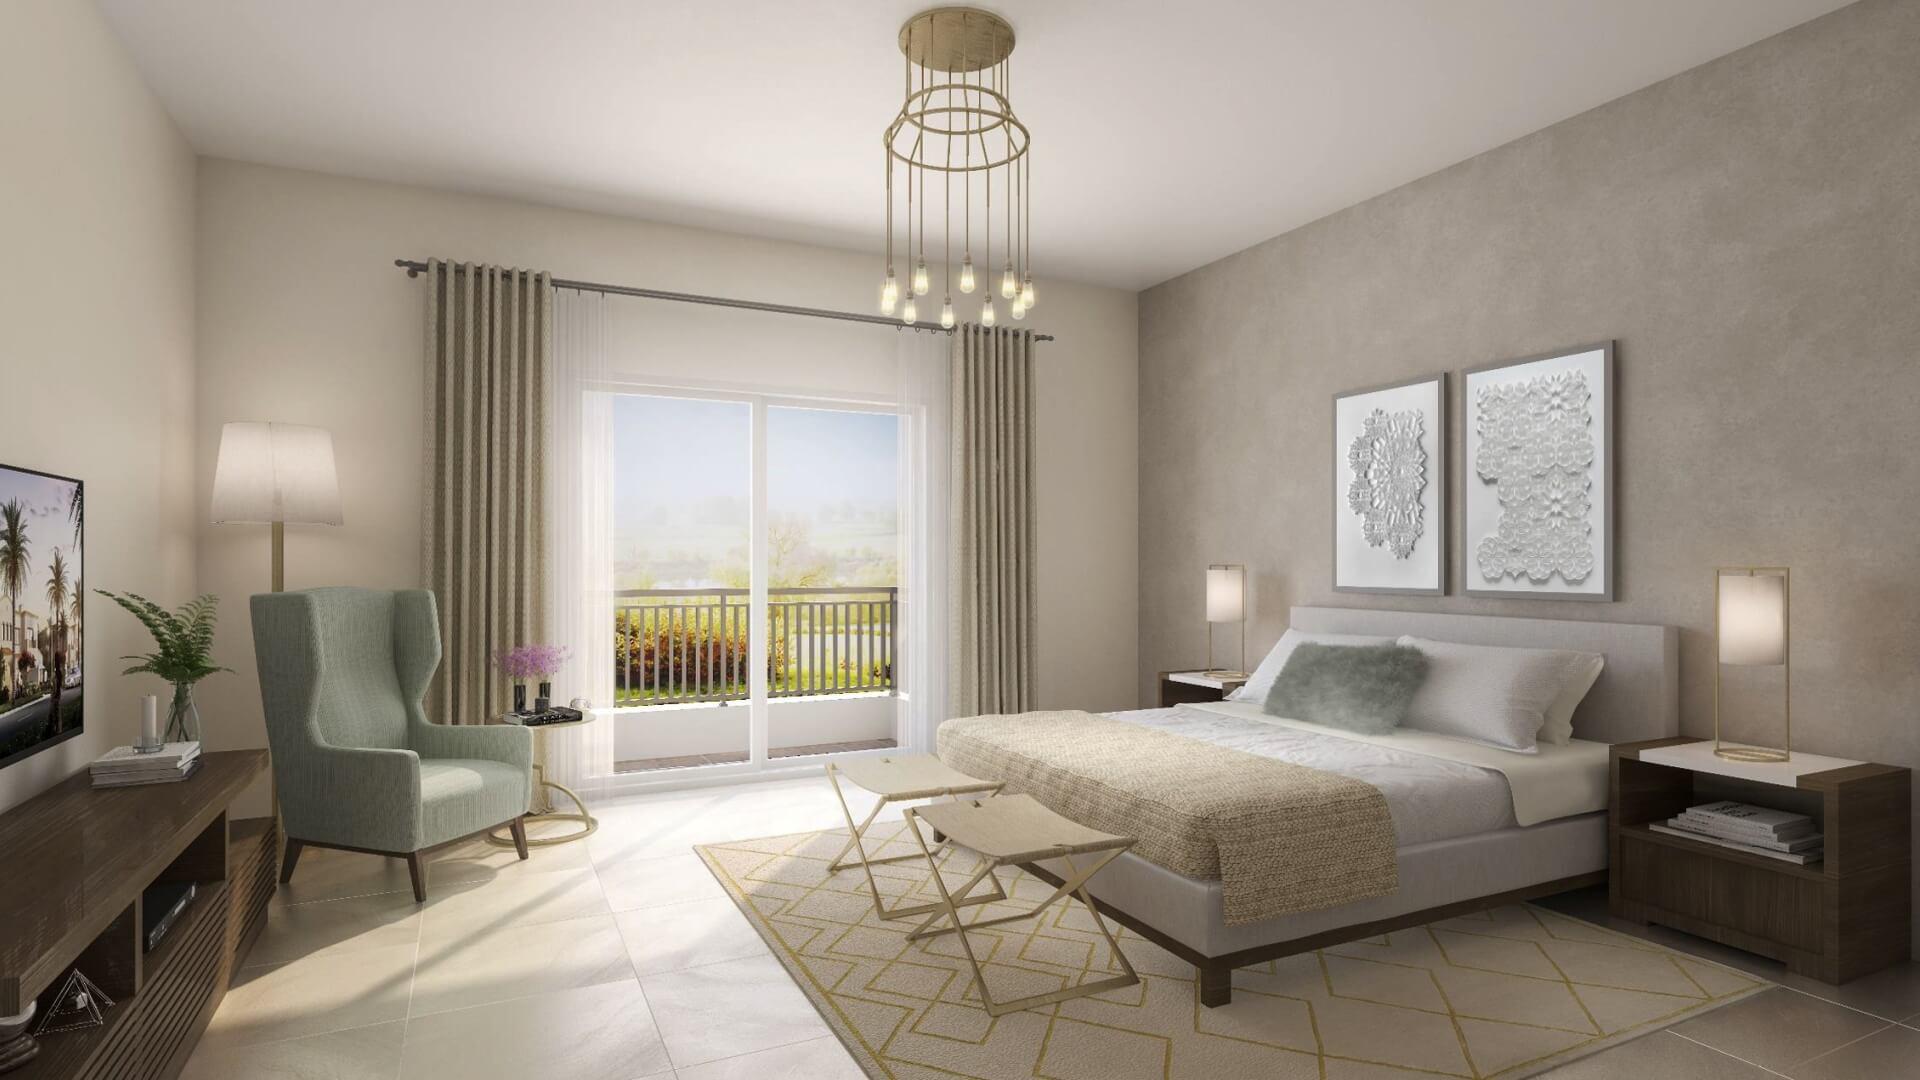 Adosado en venta en Dubai, EAU, 4 dormitorios, 271 m2, № 24307 – foto 1